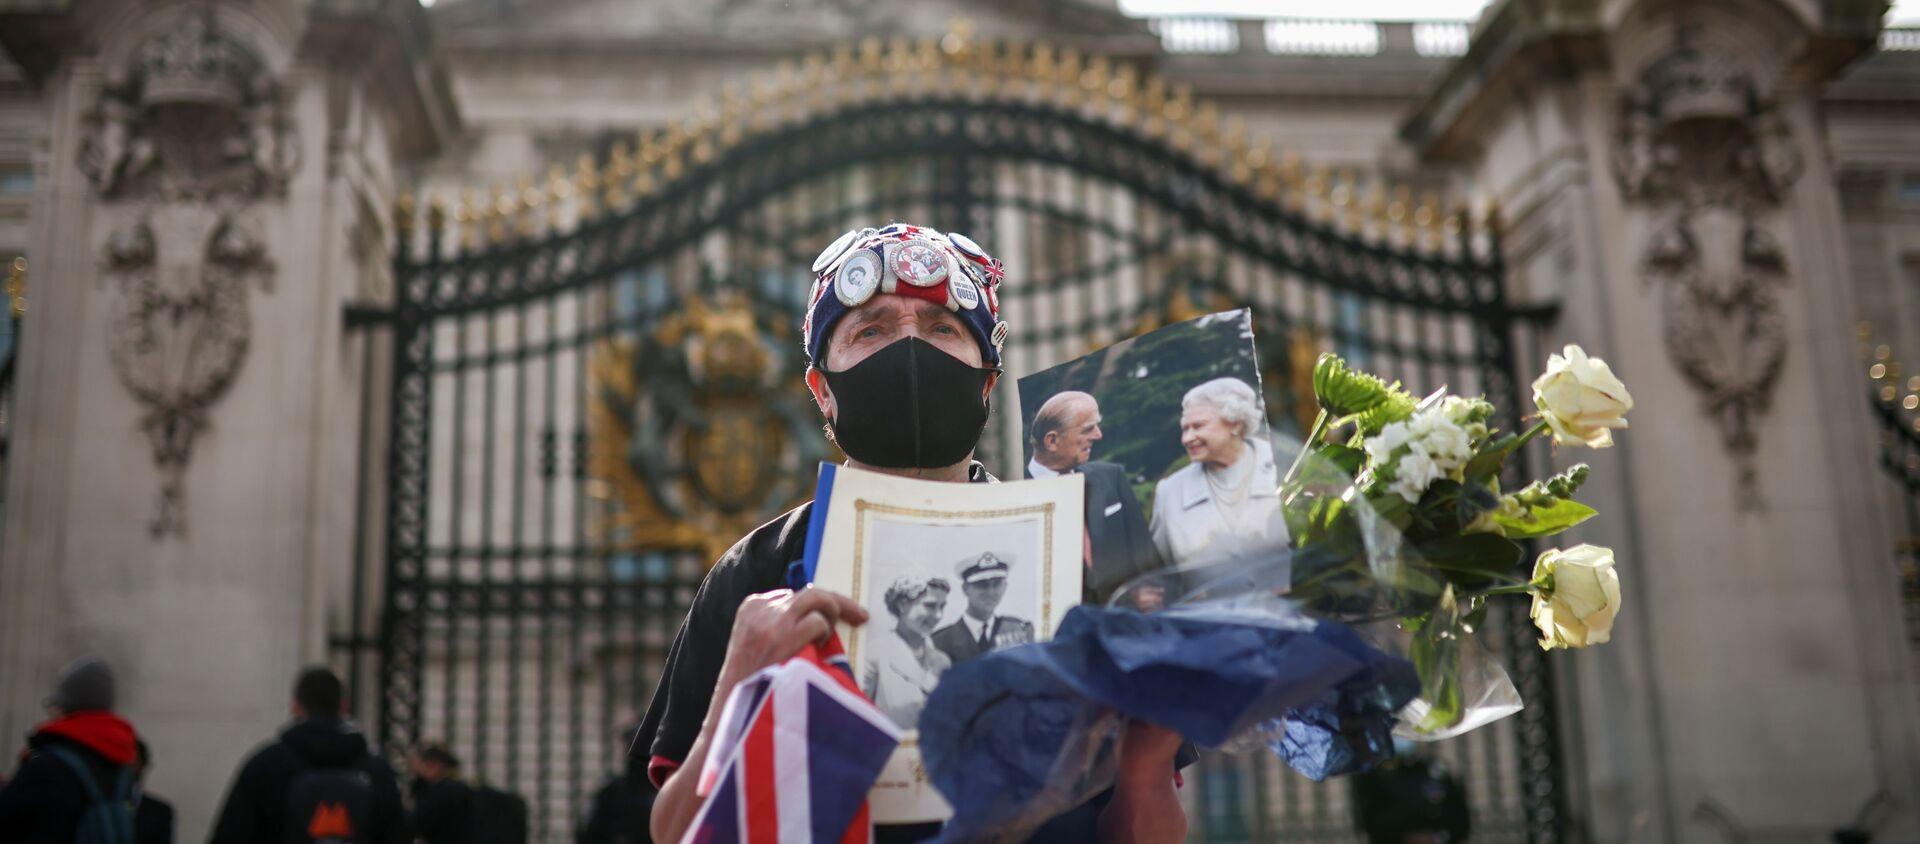 Скорбящая держит цветы и фотографии королевы Великобритании Елизаветы II и ее мужа принца Филиппа возле Букингемского дворца после смерти принца Филиппа - Sputnik Беларусь, 1920, 09.04.2021